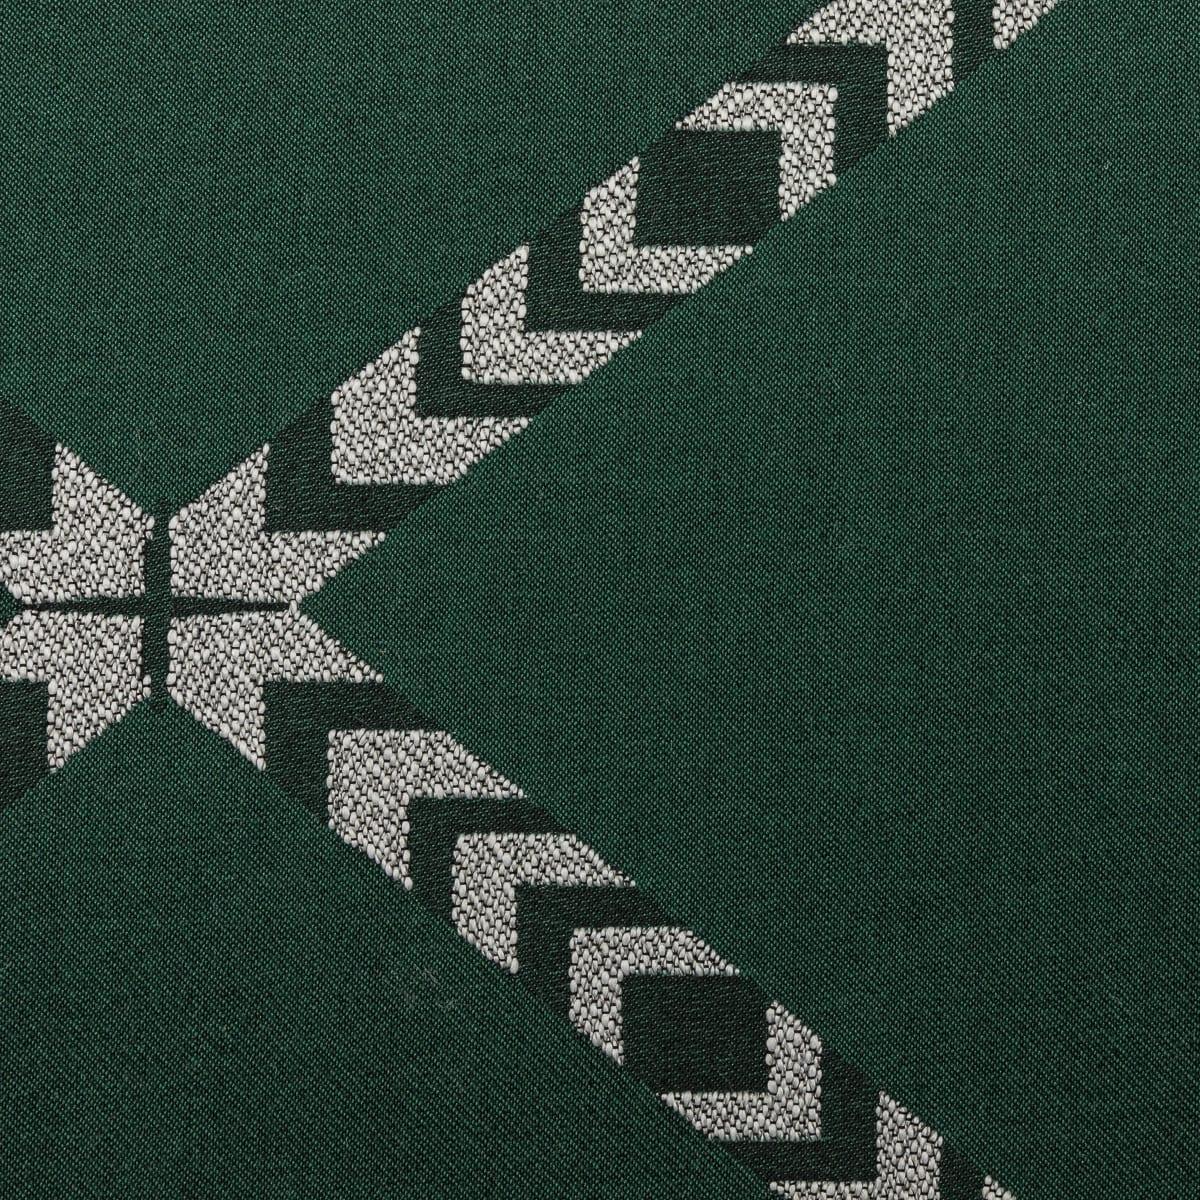 Green zaire